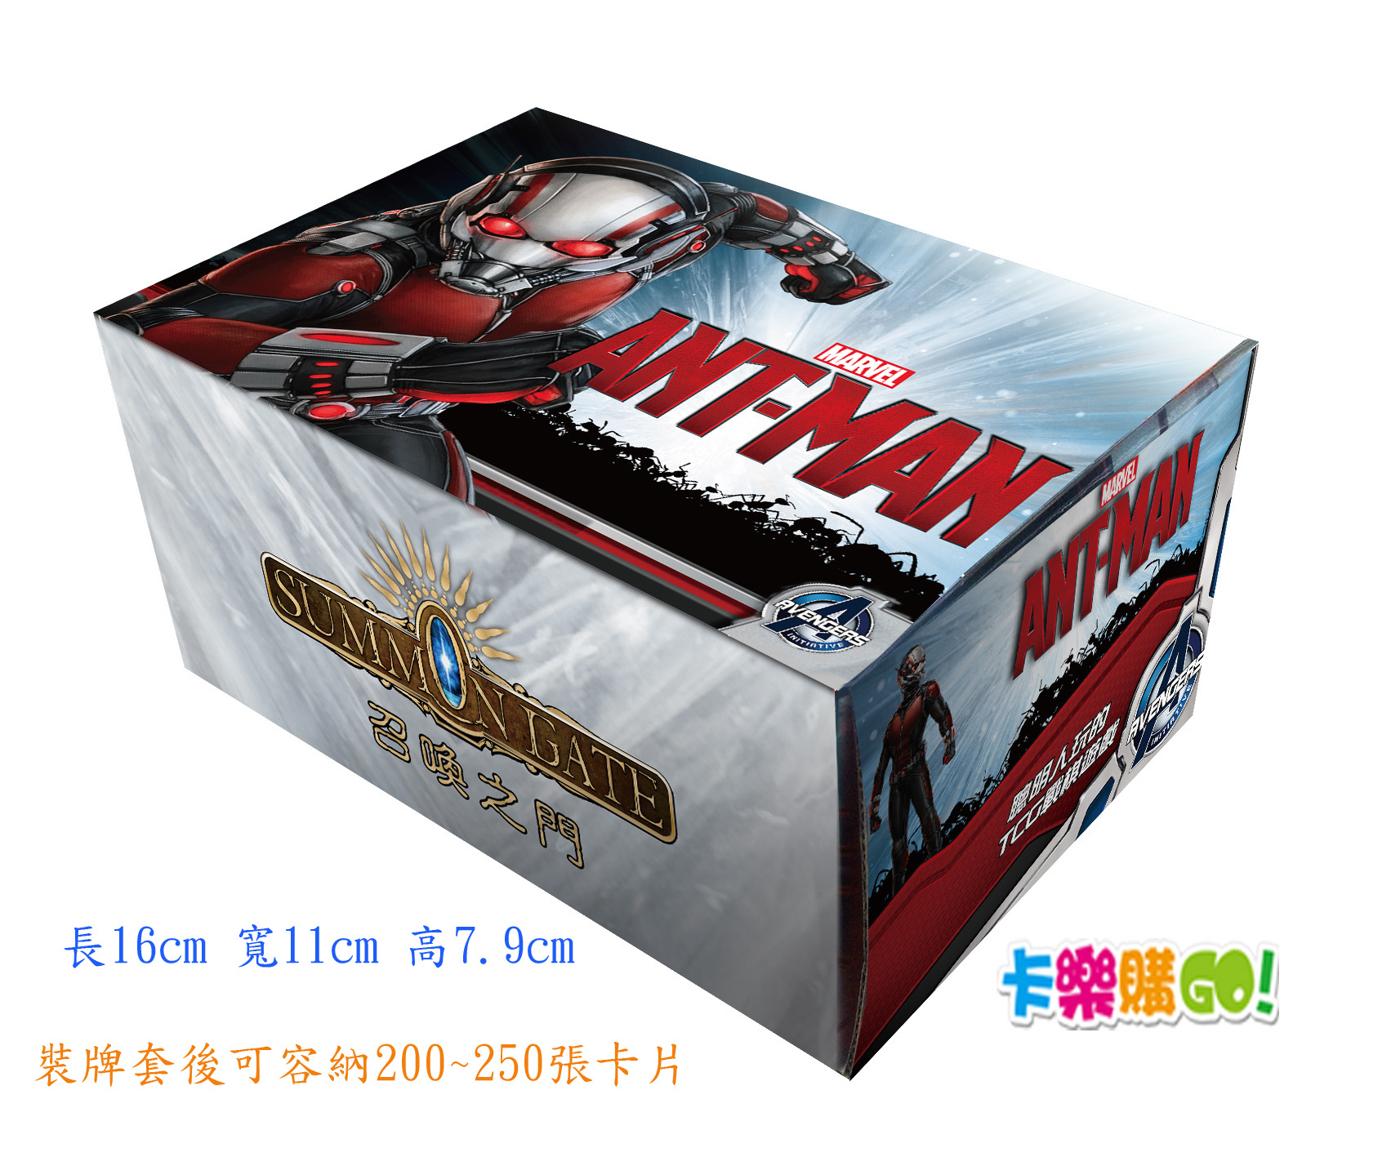 【卡樂購】Marvel 漫威卡盒 卡片收藏盒 紙卡盒 長卡盒 (召喚之門 - 蟻人款)